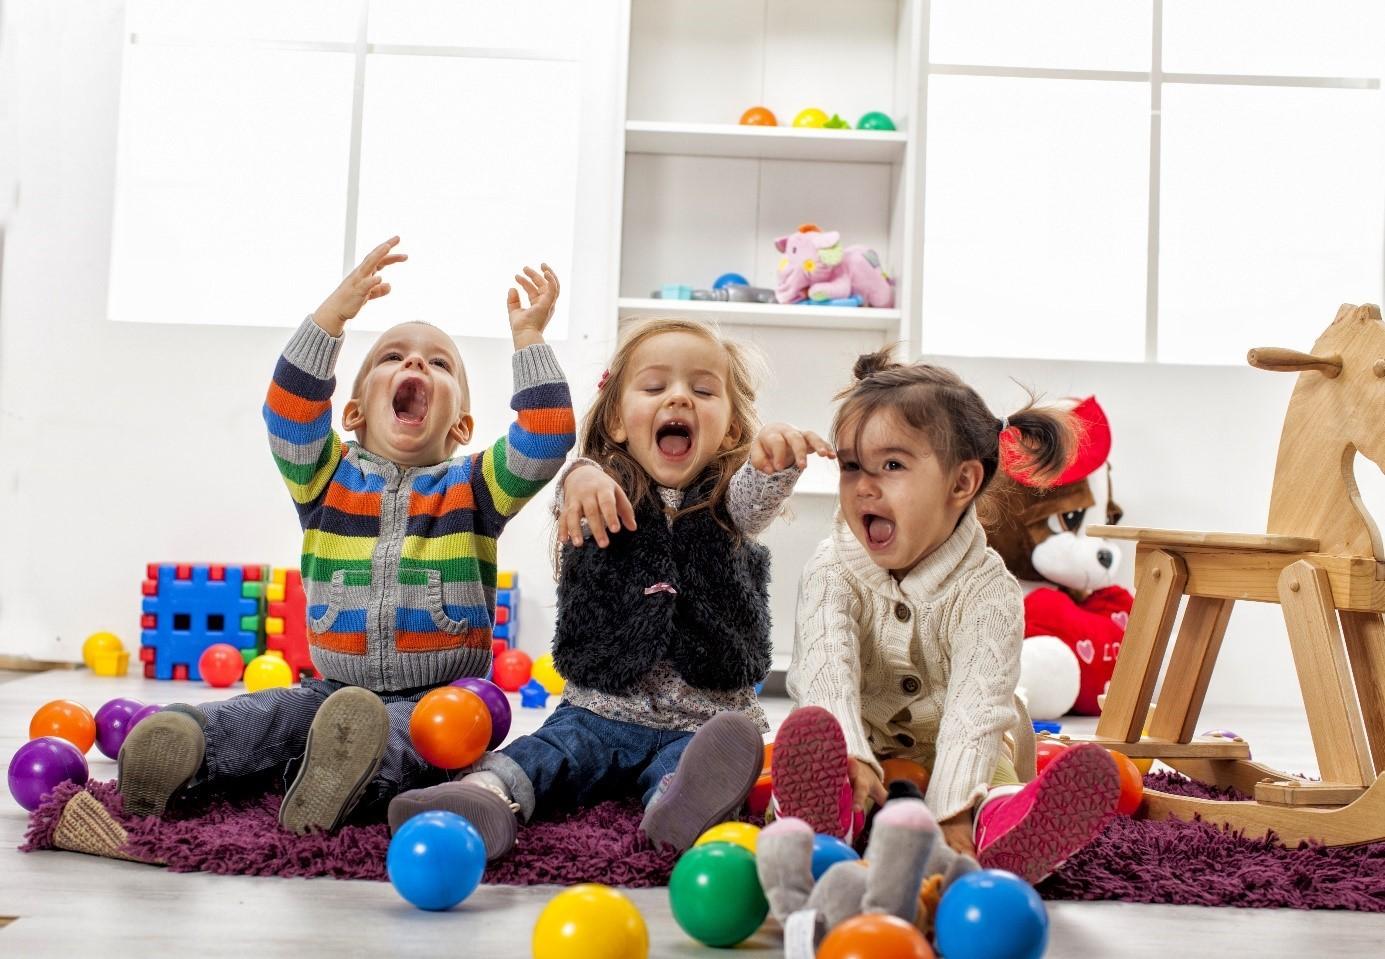 Klocki konstrukcyjne wżyciu dziecka. Dlaczego warto się nimi bawić?